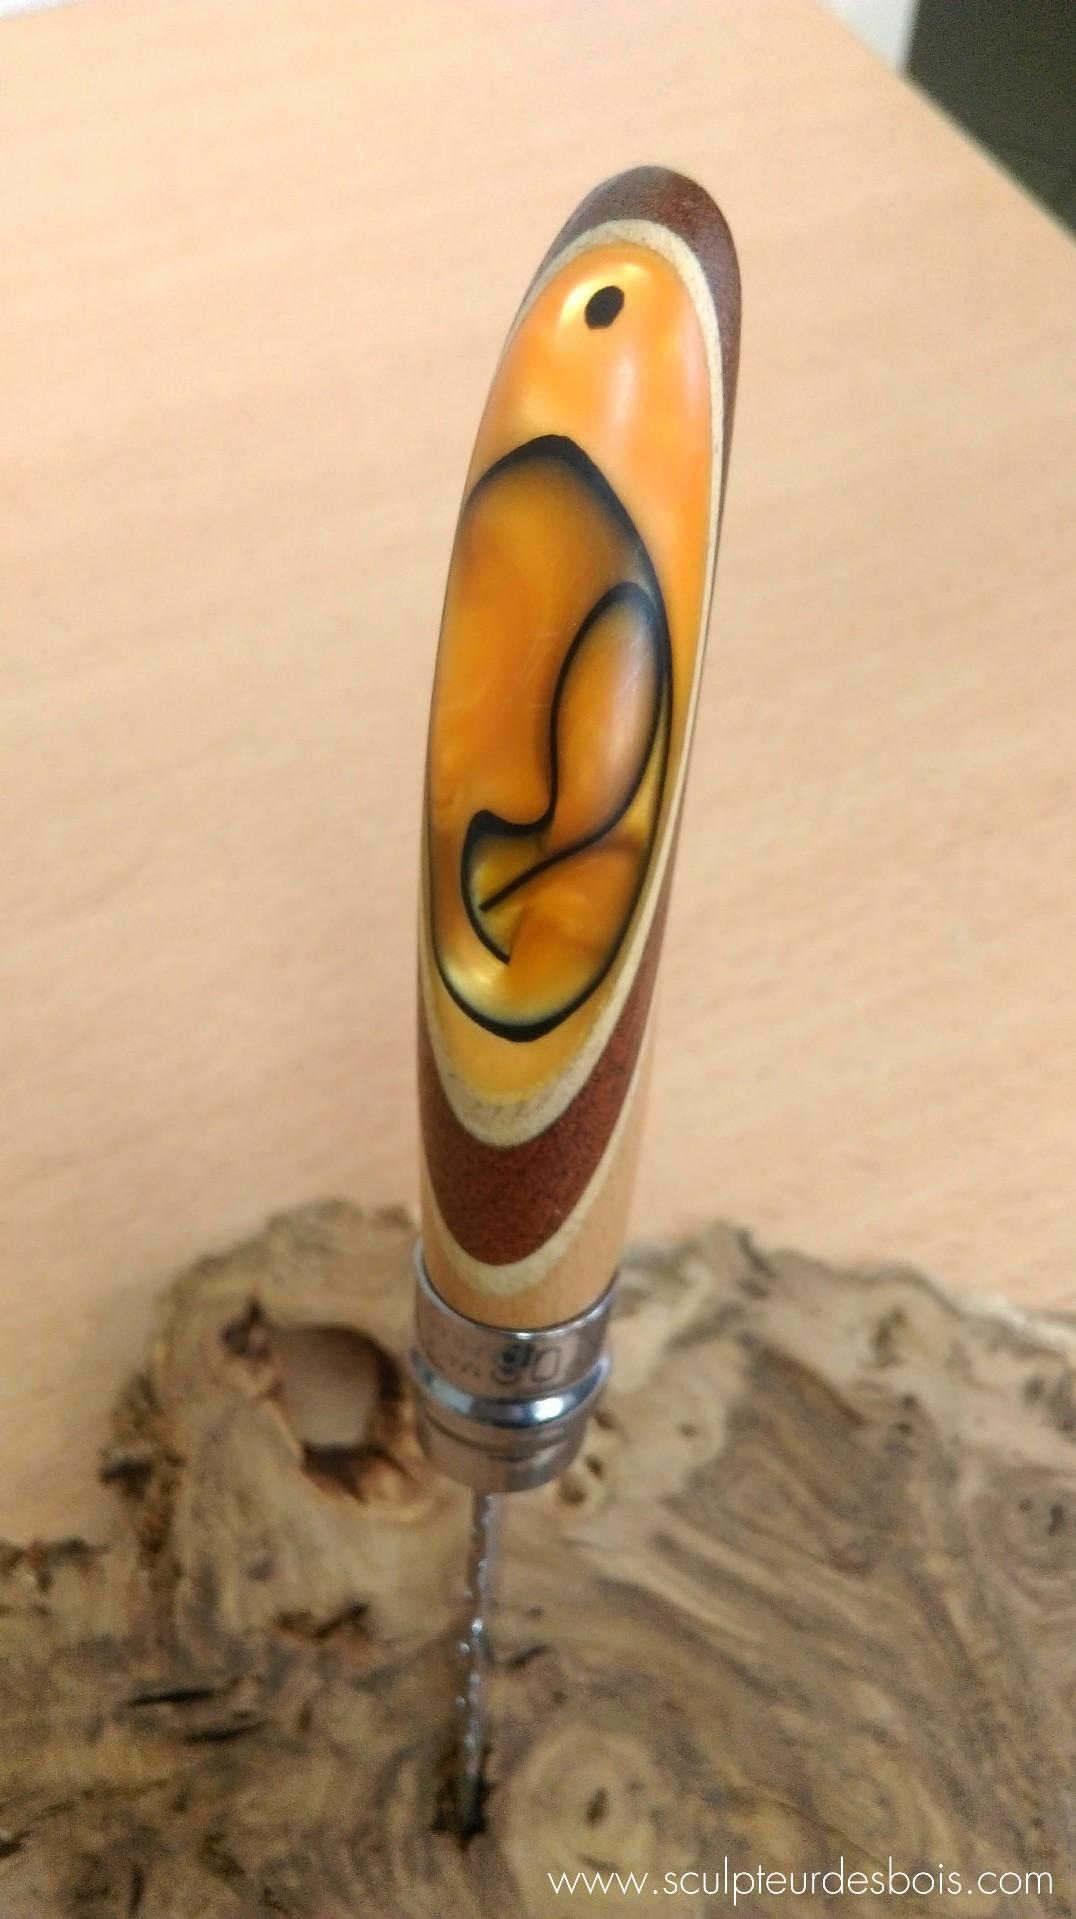 opinel n°8 manche en bois acajou, filets en peuplier et résine acrylique orange avec motifs